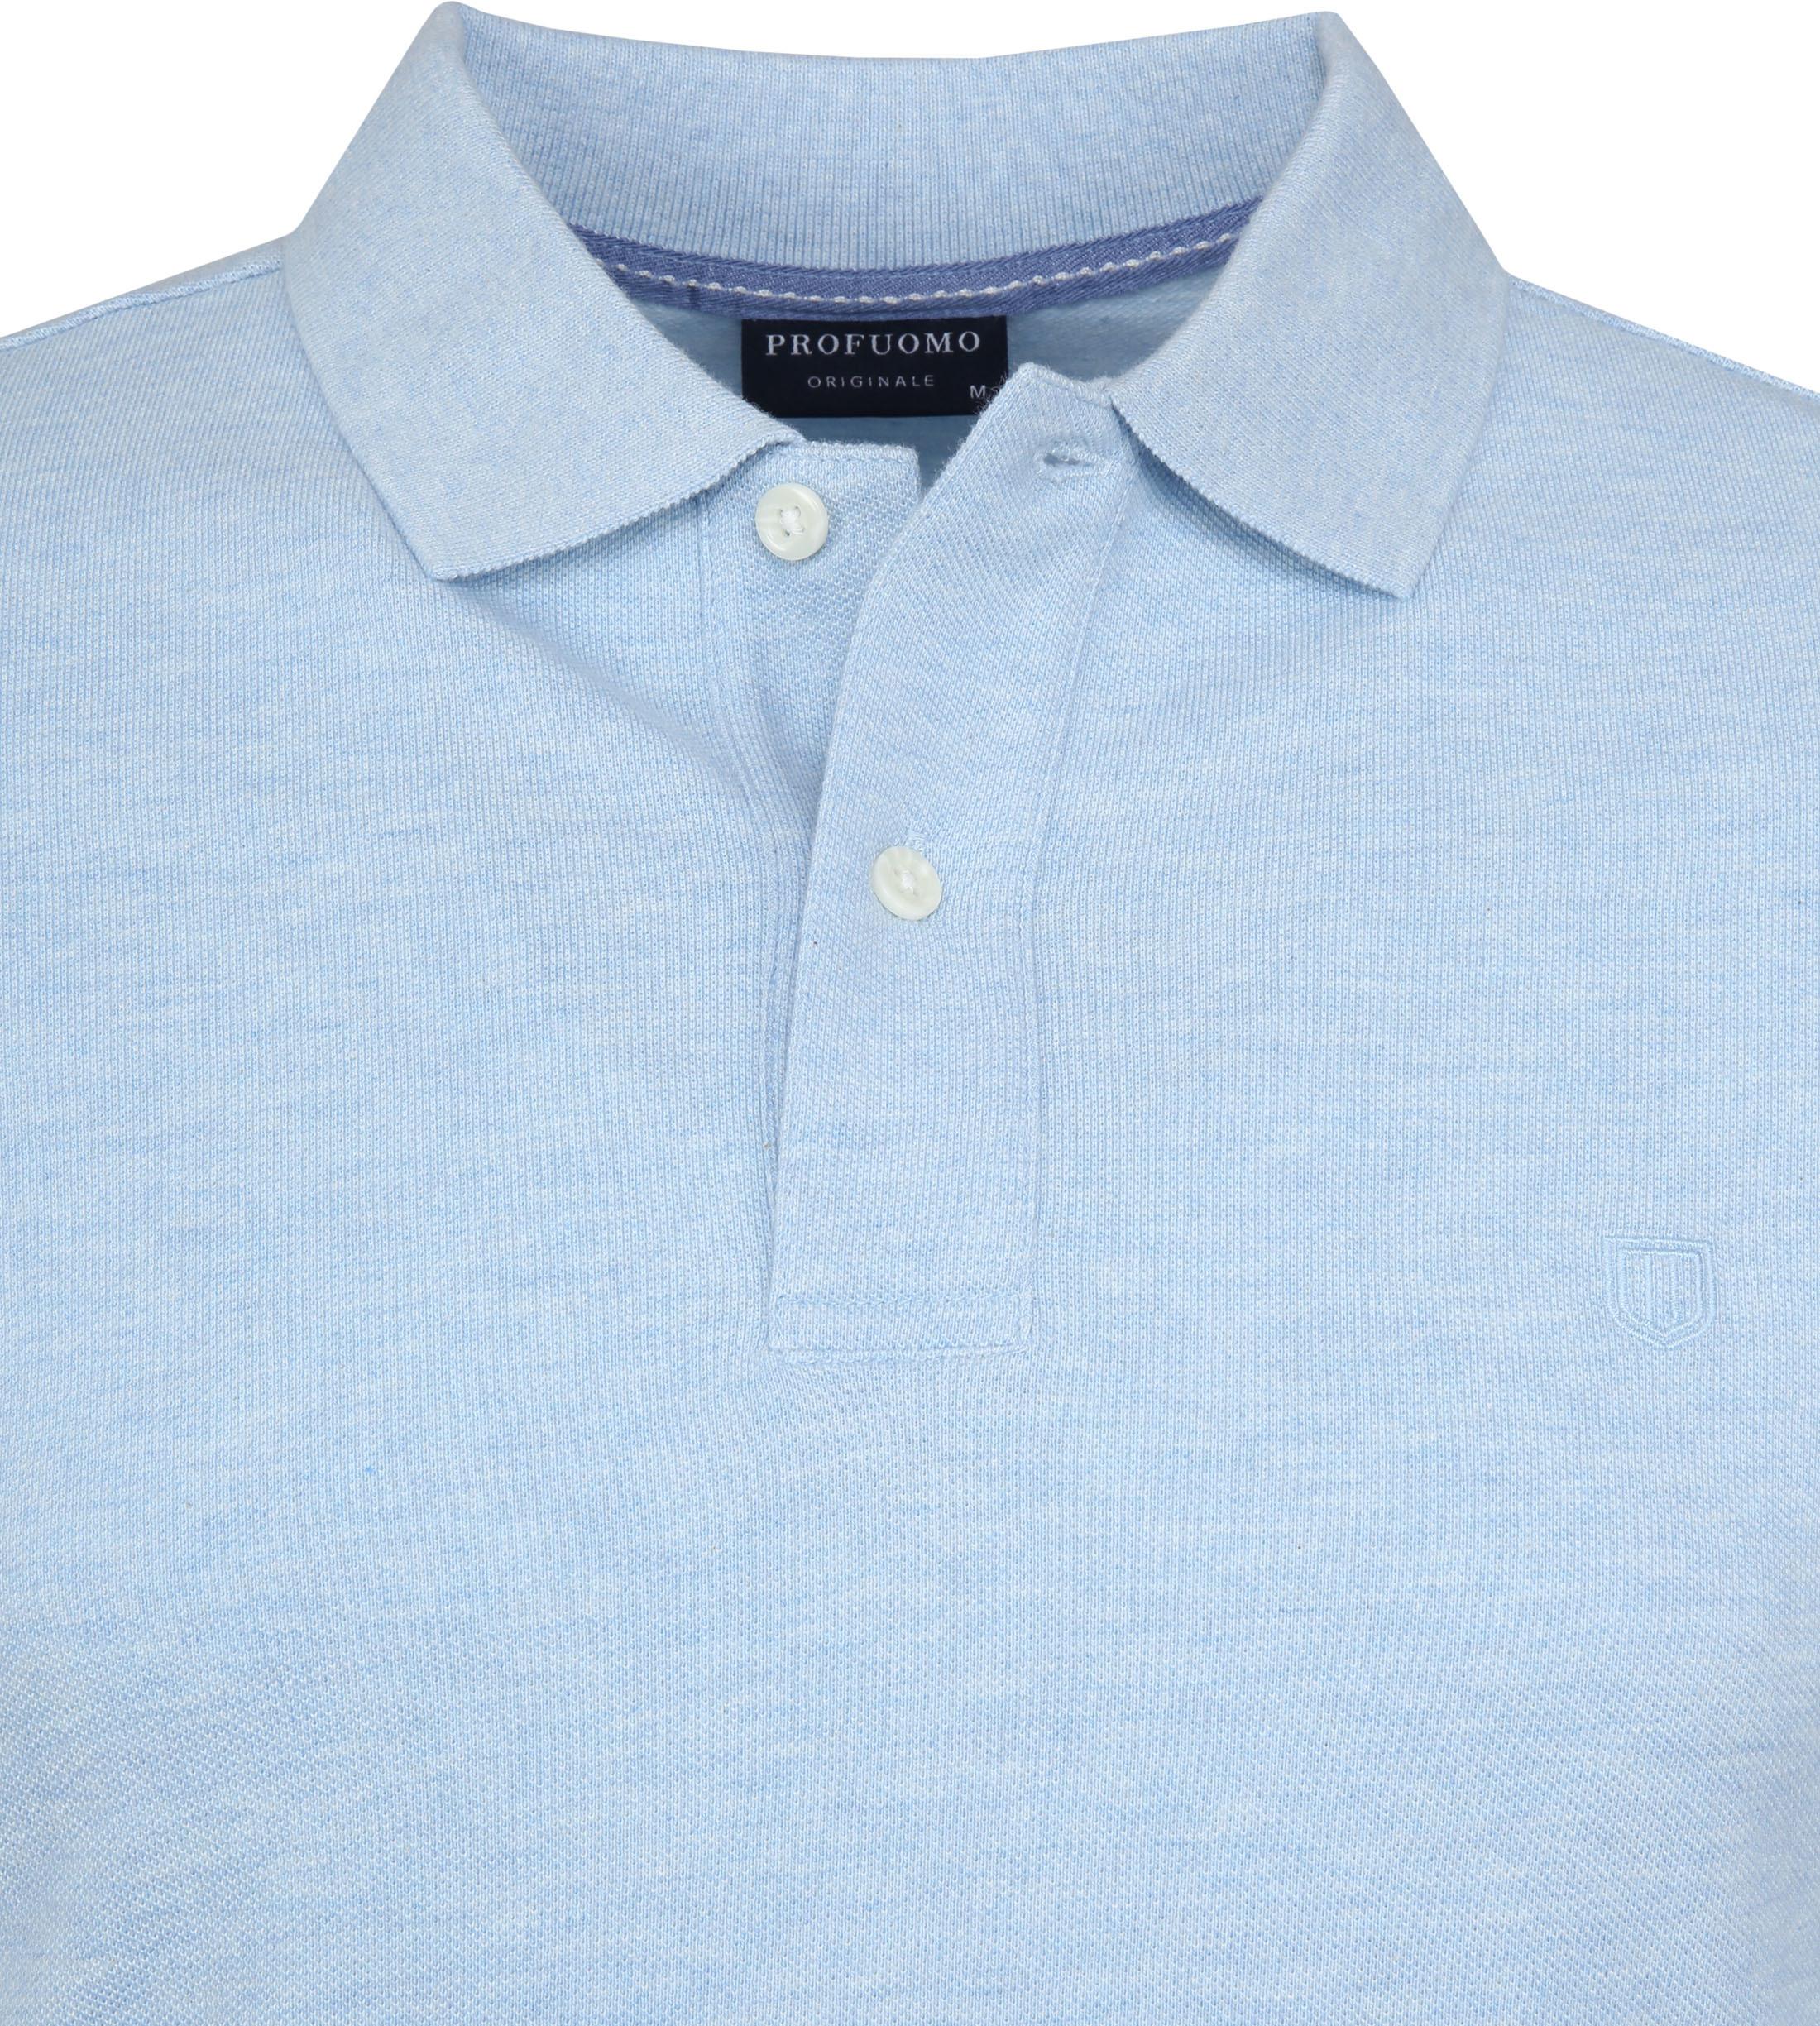 Profuomo Short Sleeve Poloshirt Hellblau foto 1